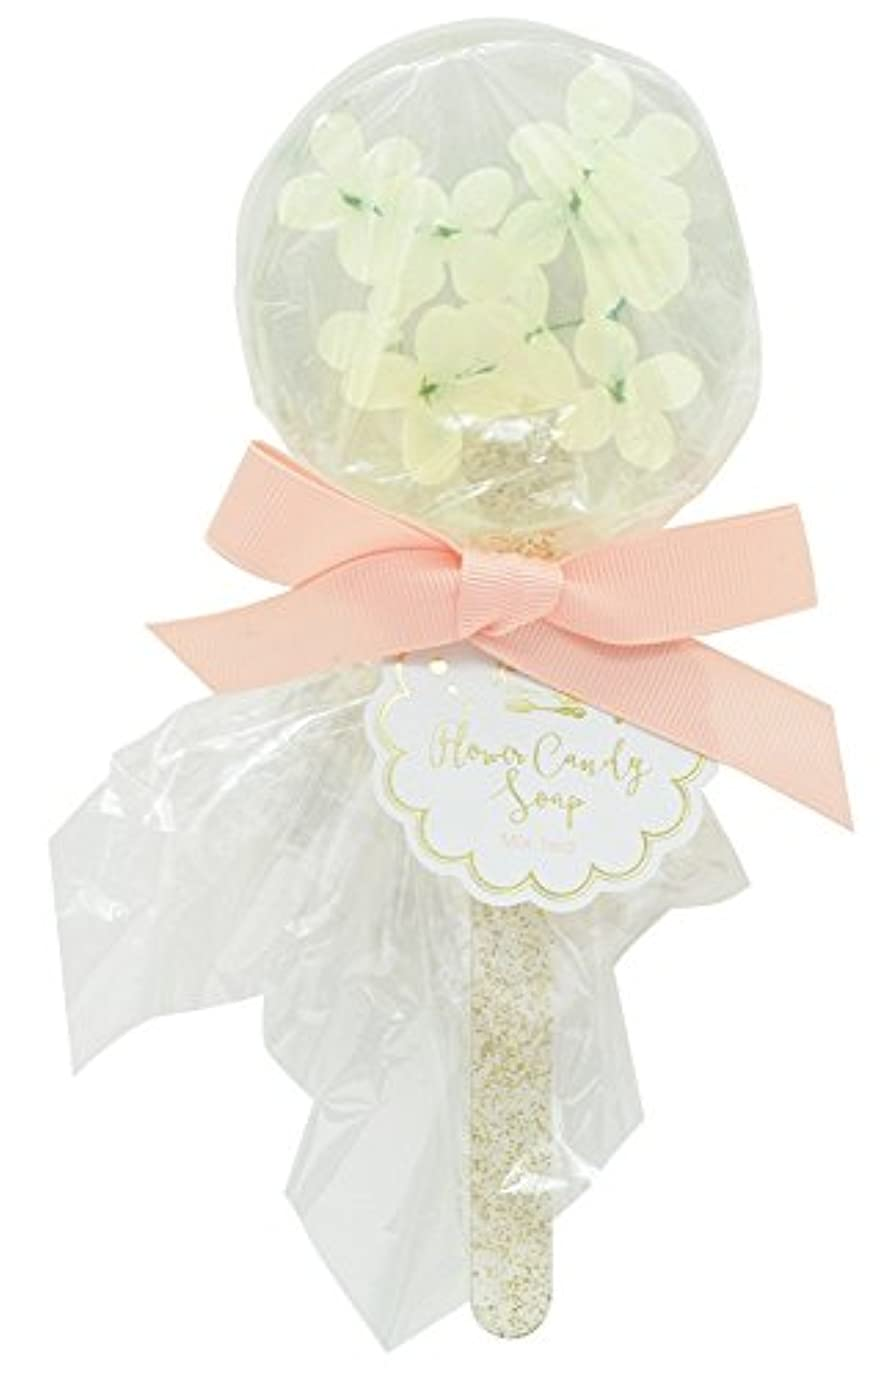 手配するナイロンレイノルコーポレーション 石鹸 フラワーキャンディ ソープ ホワイトミニフラワー 75g ミックスティー の香り OB-SMP-10-4